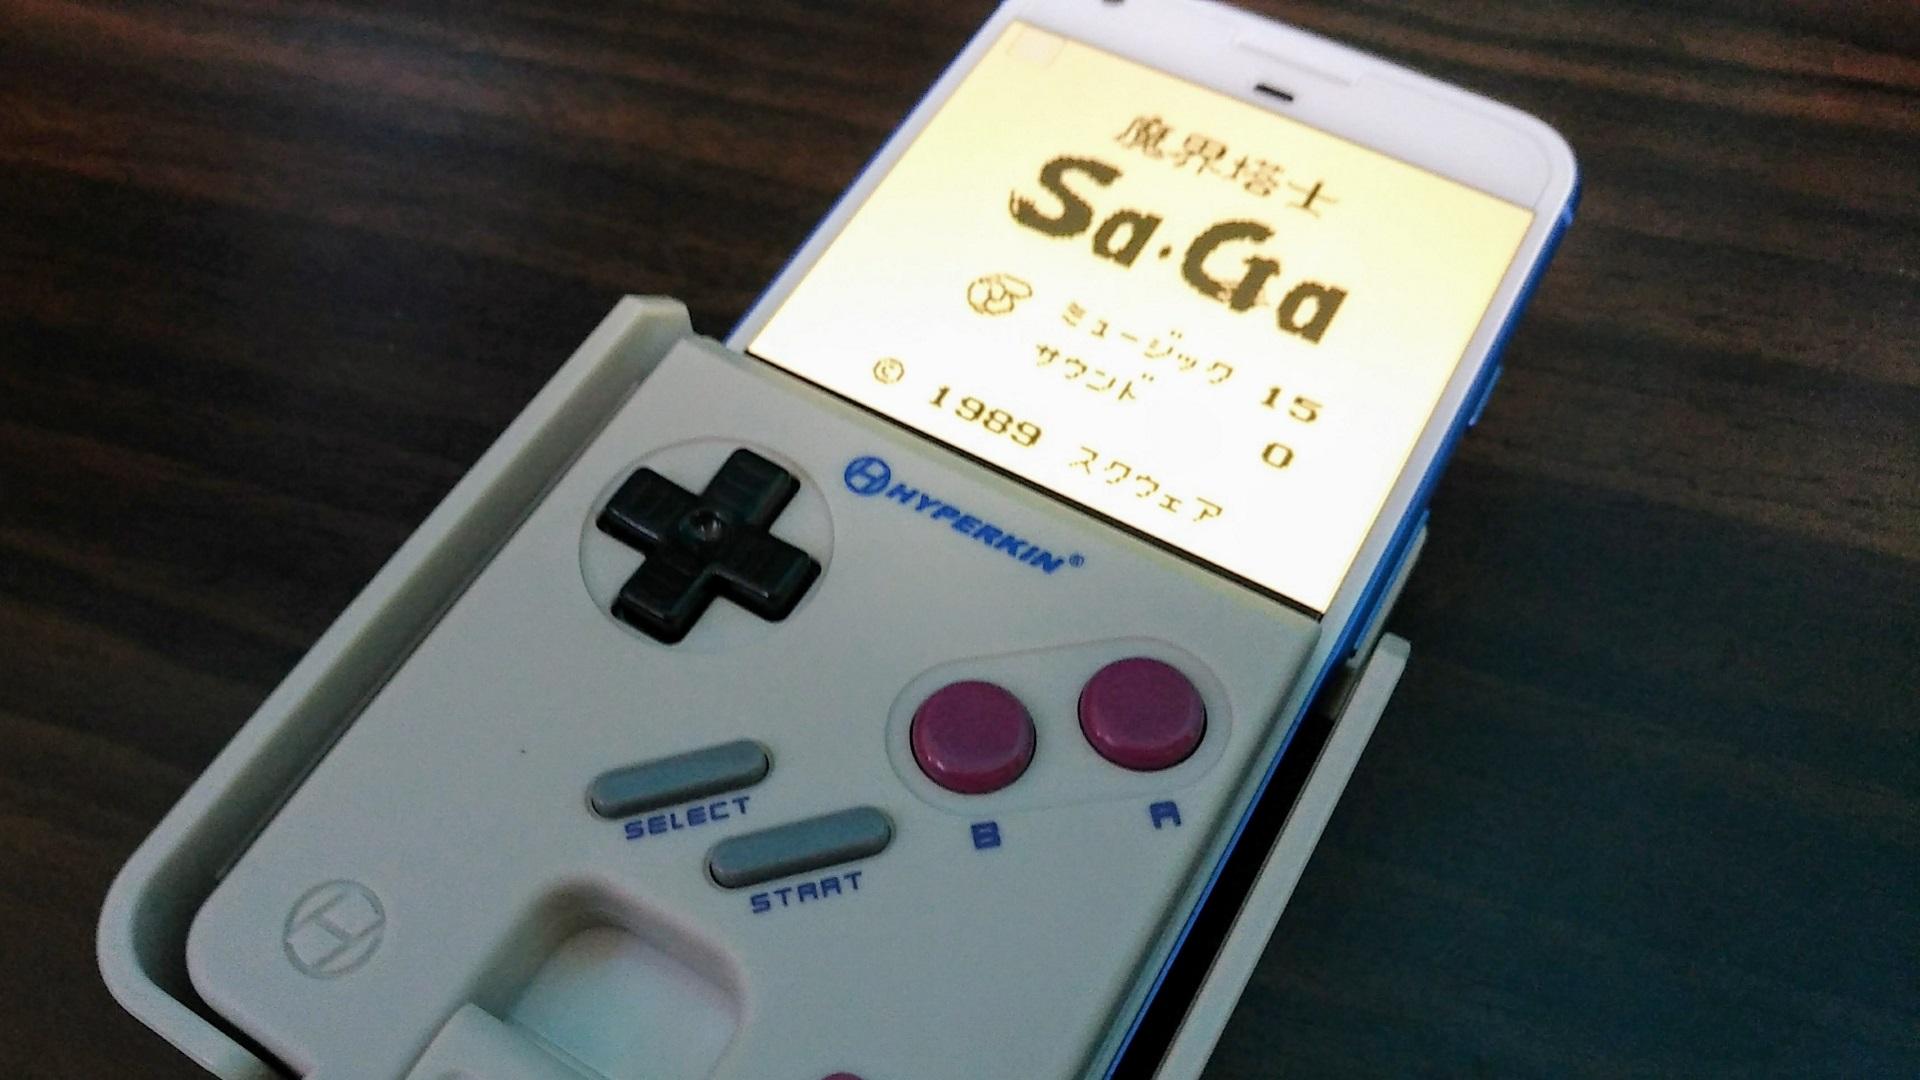 「SmartBoy」到着!「Pixel XL」で遊んでみた(遊べた)【レポート】